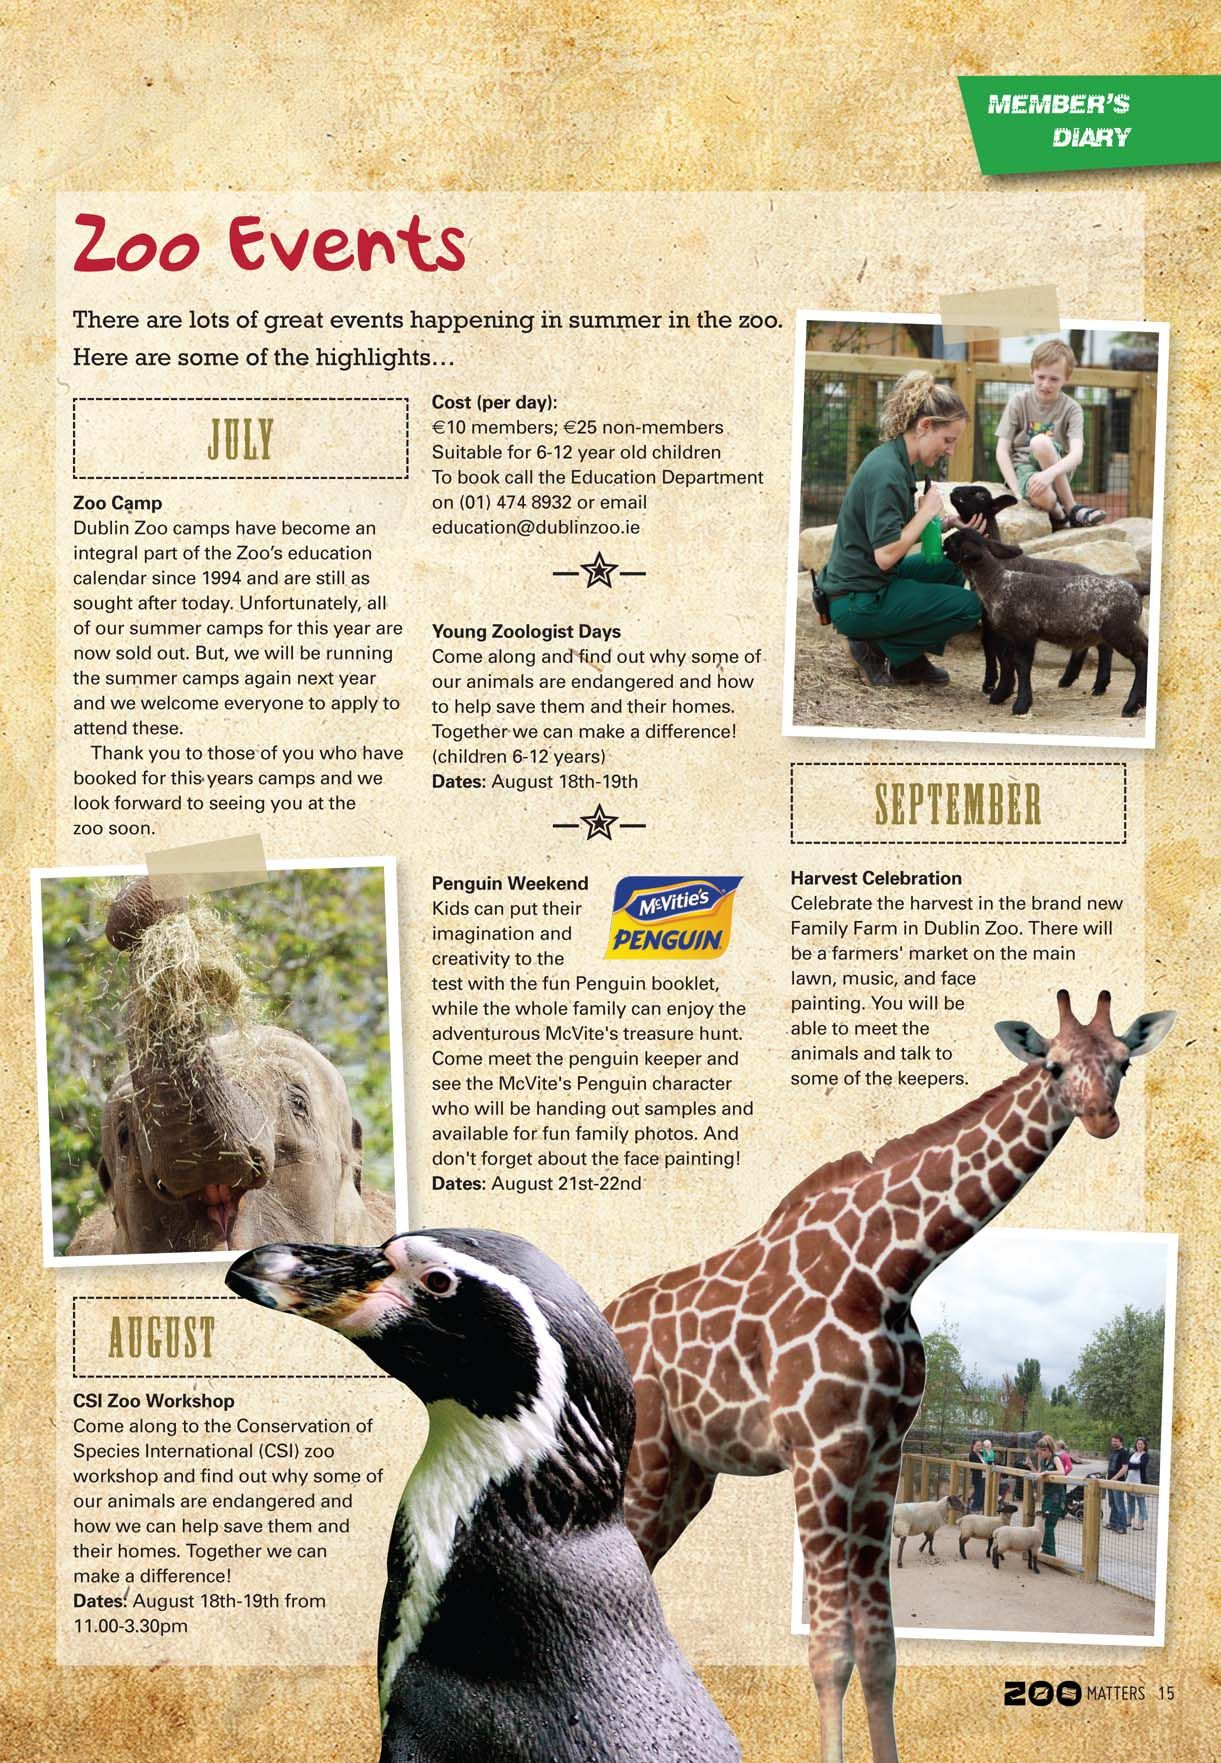 Pin By Laura Horn On Z O O I N S P I R A T I O N Zoo Activities In The Zoo Dublin Zoo